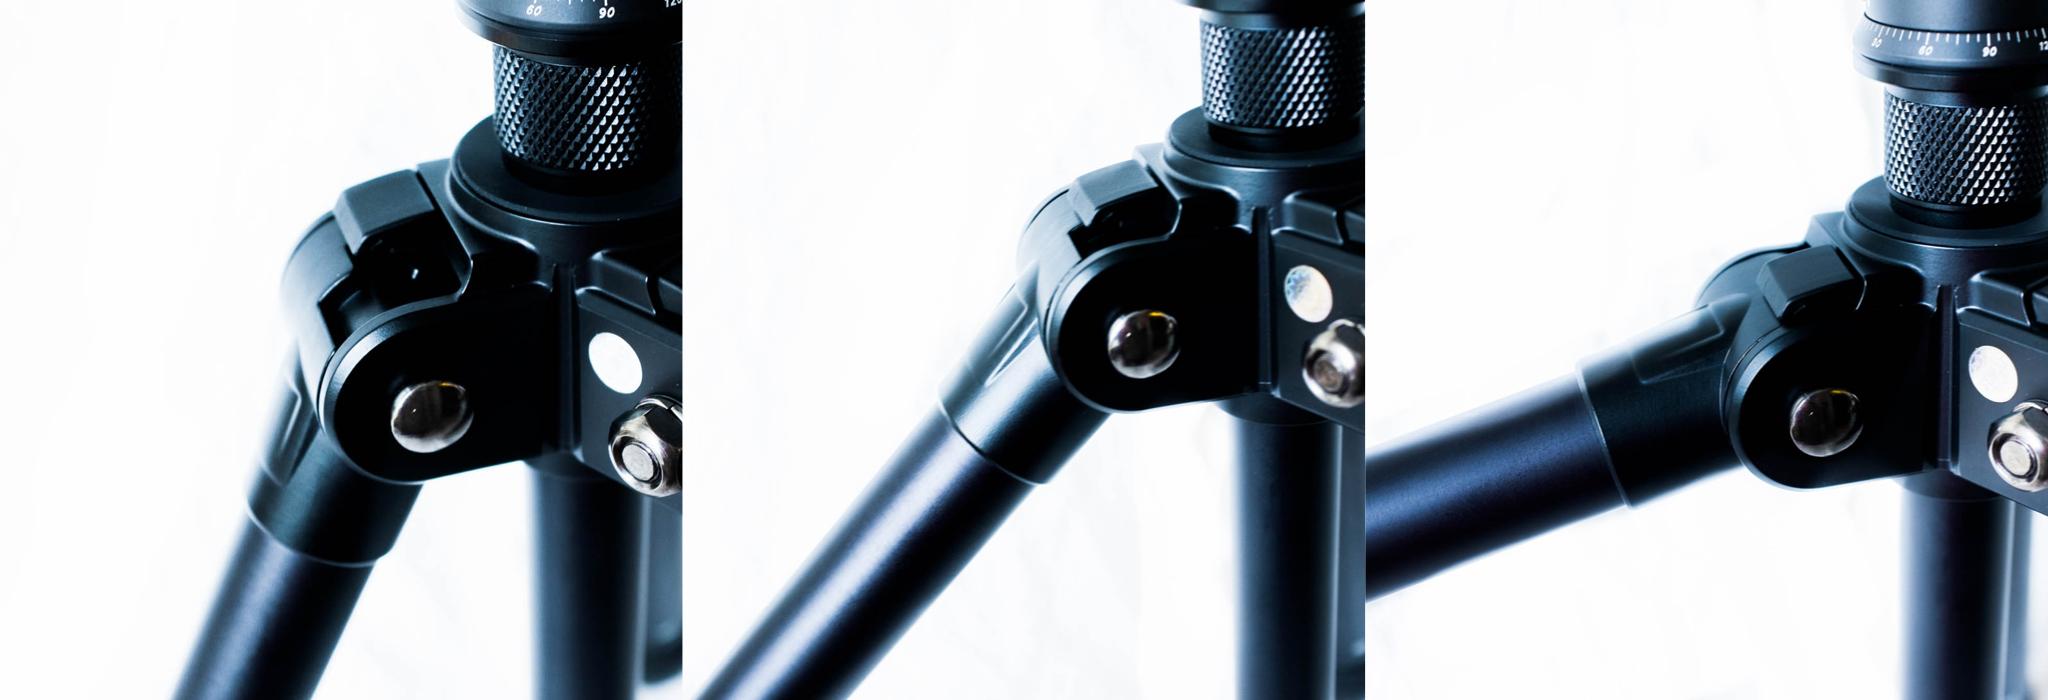 velbon-tr563D-tinhte-leg.jpeg